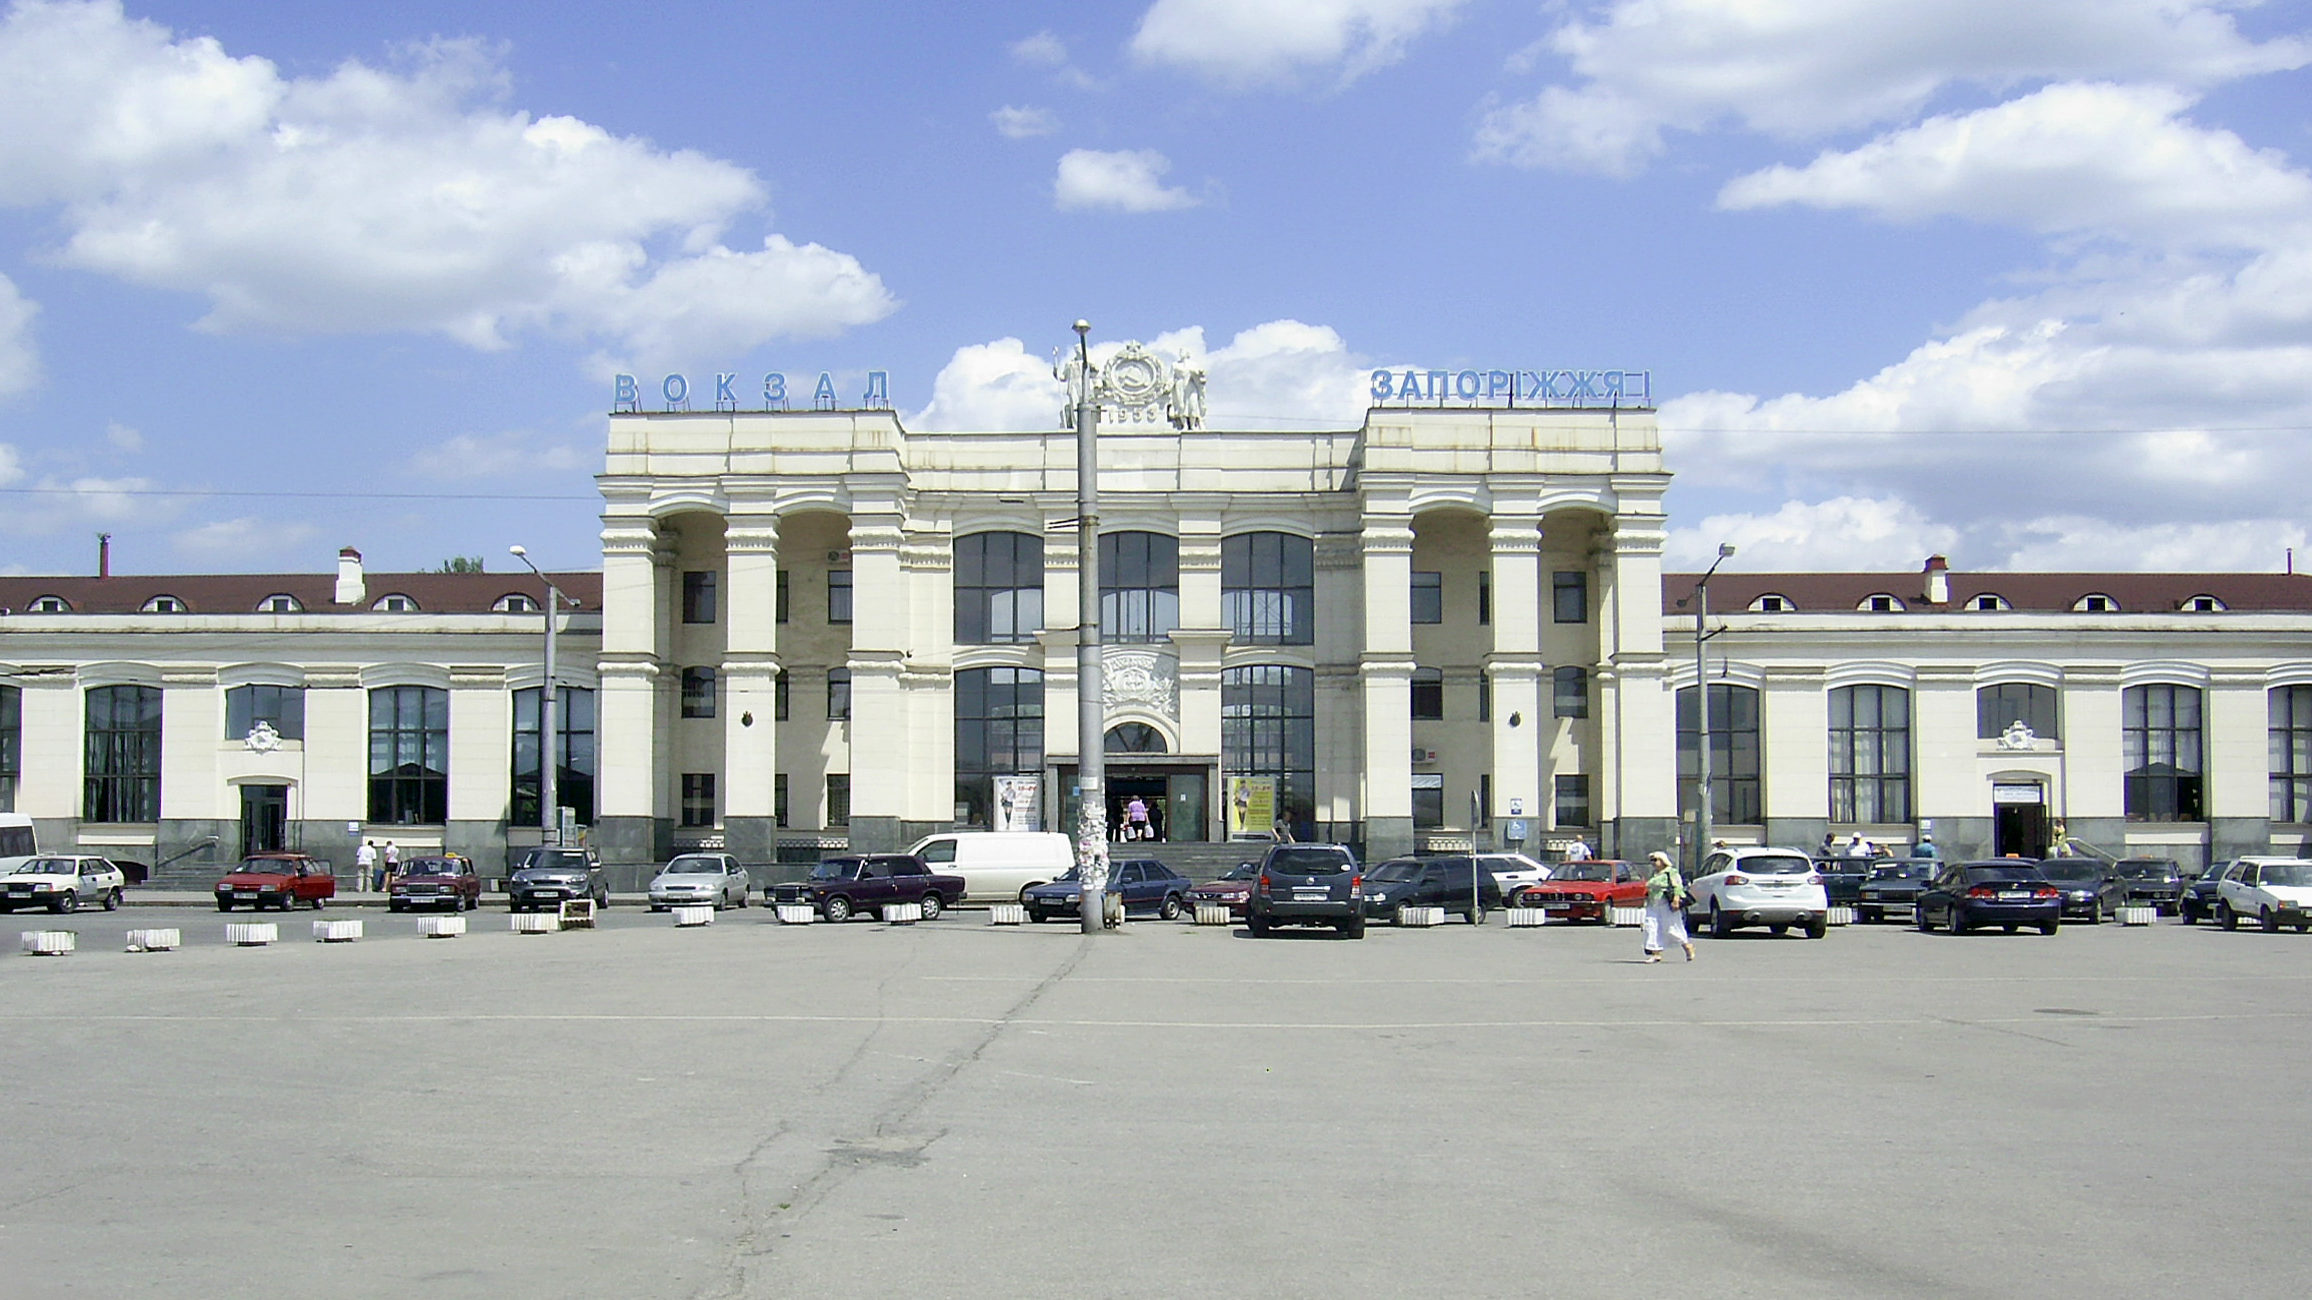 Запорізький вокзал віддадуть у приватні руки, — ПРЕМ'ЄР-МІНІСТР